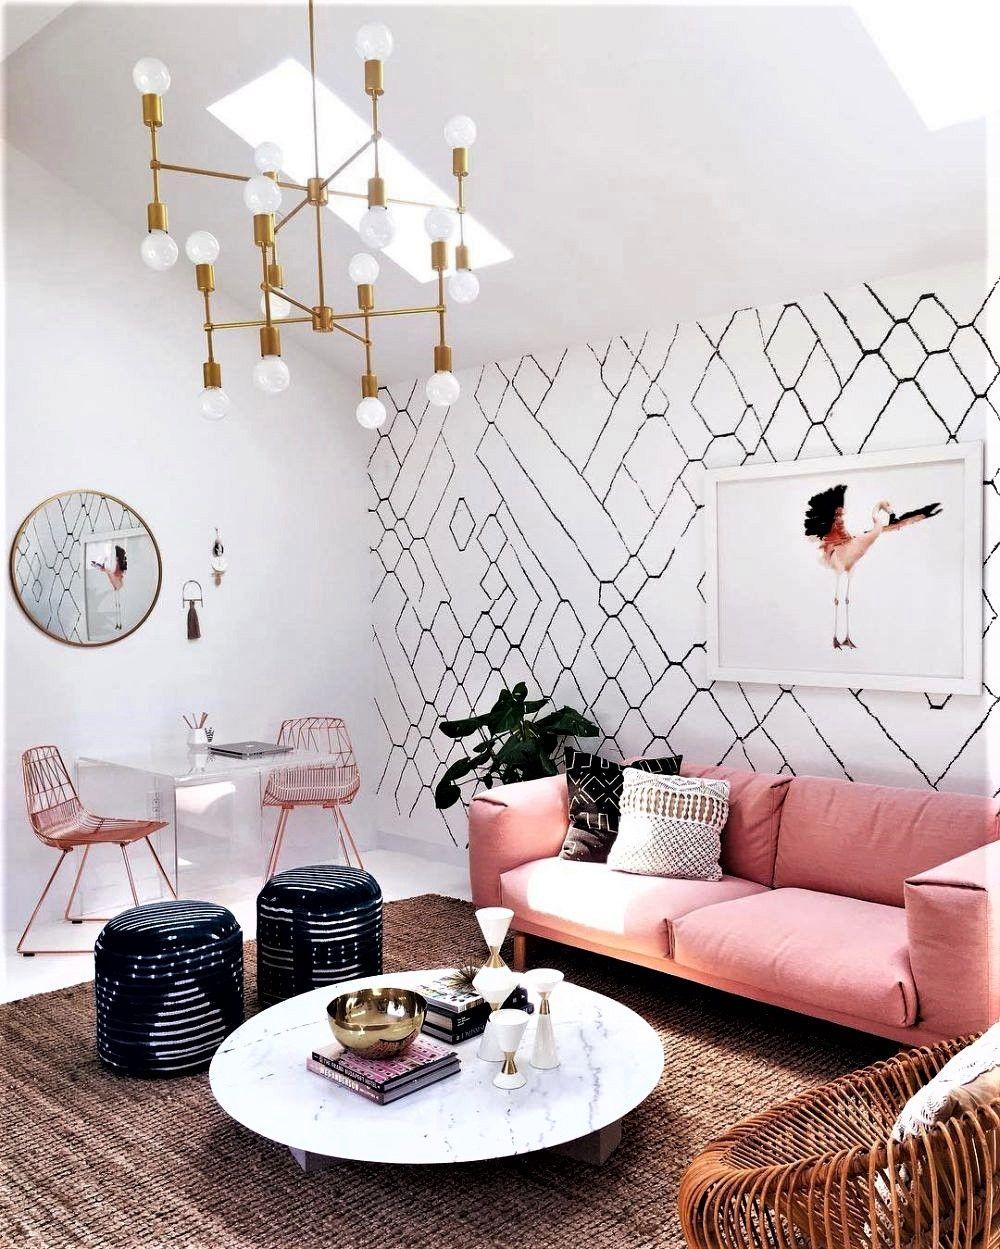 Pin by Nikoletta Jánoki on L A K Á S | Pinterest | Living rooms ...